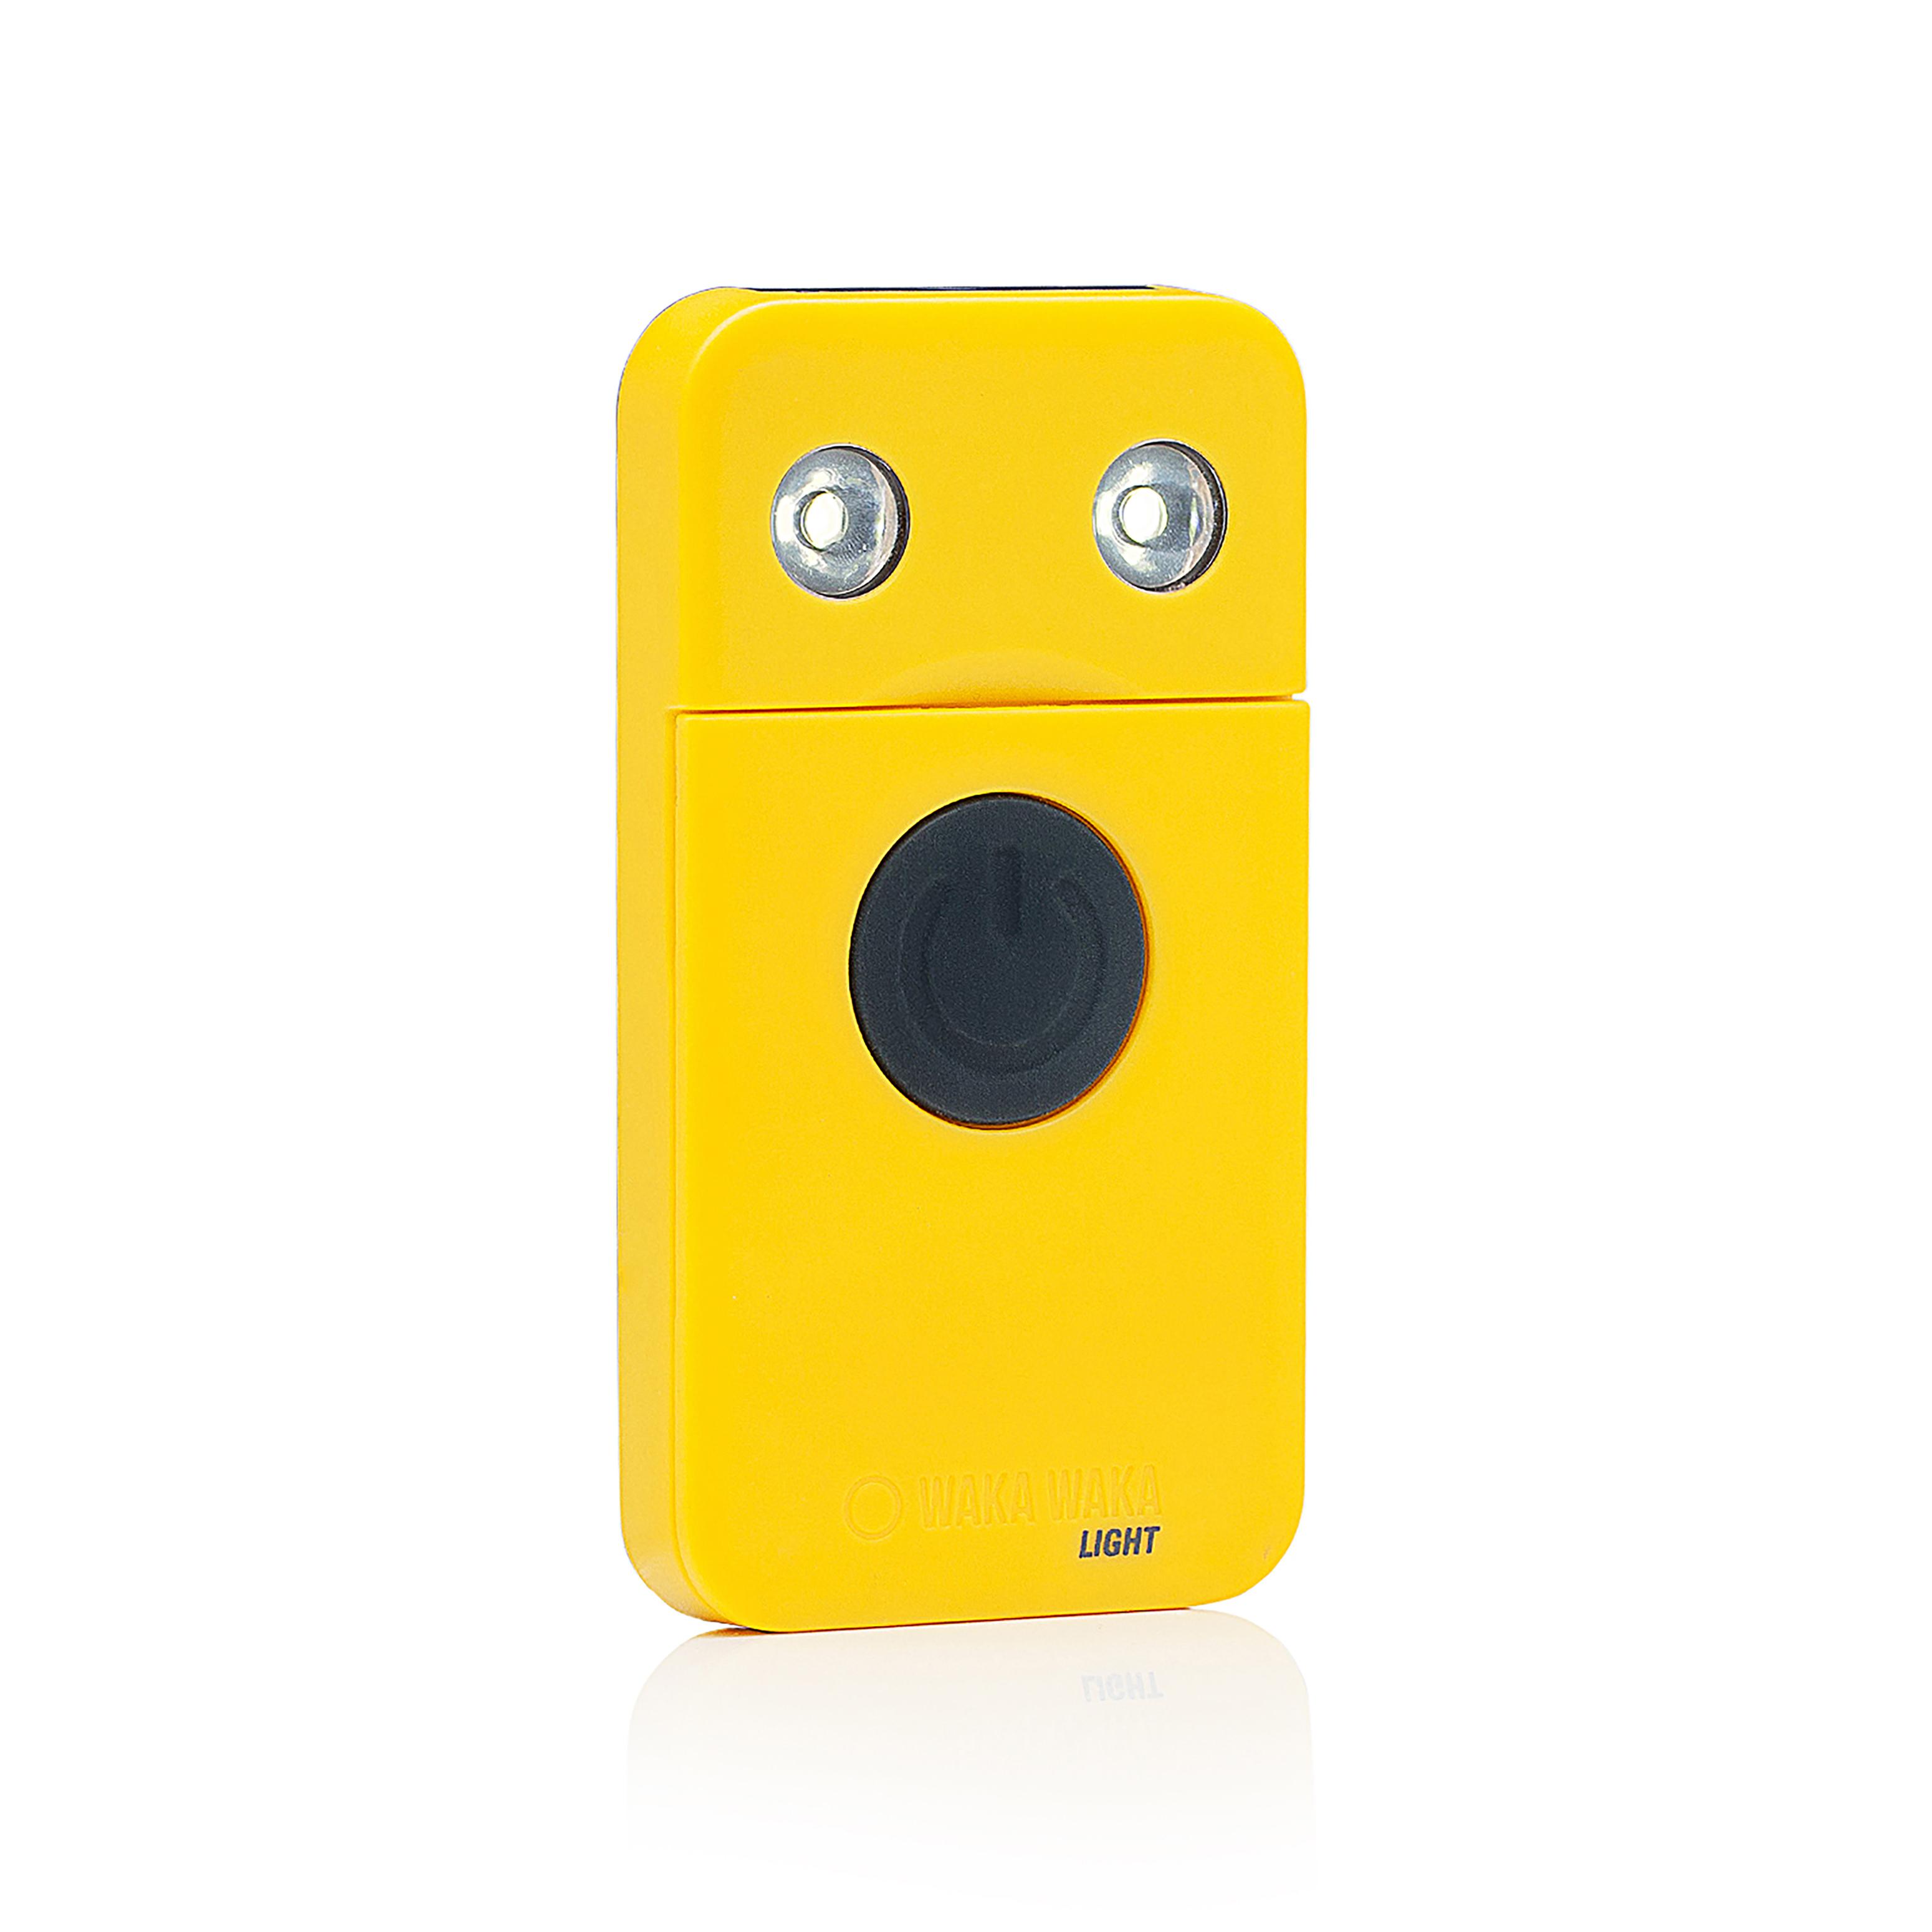 WakaWaka Light Yellow